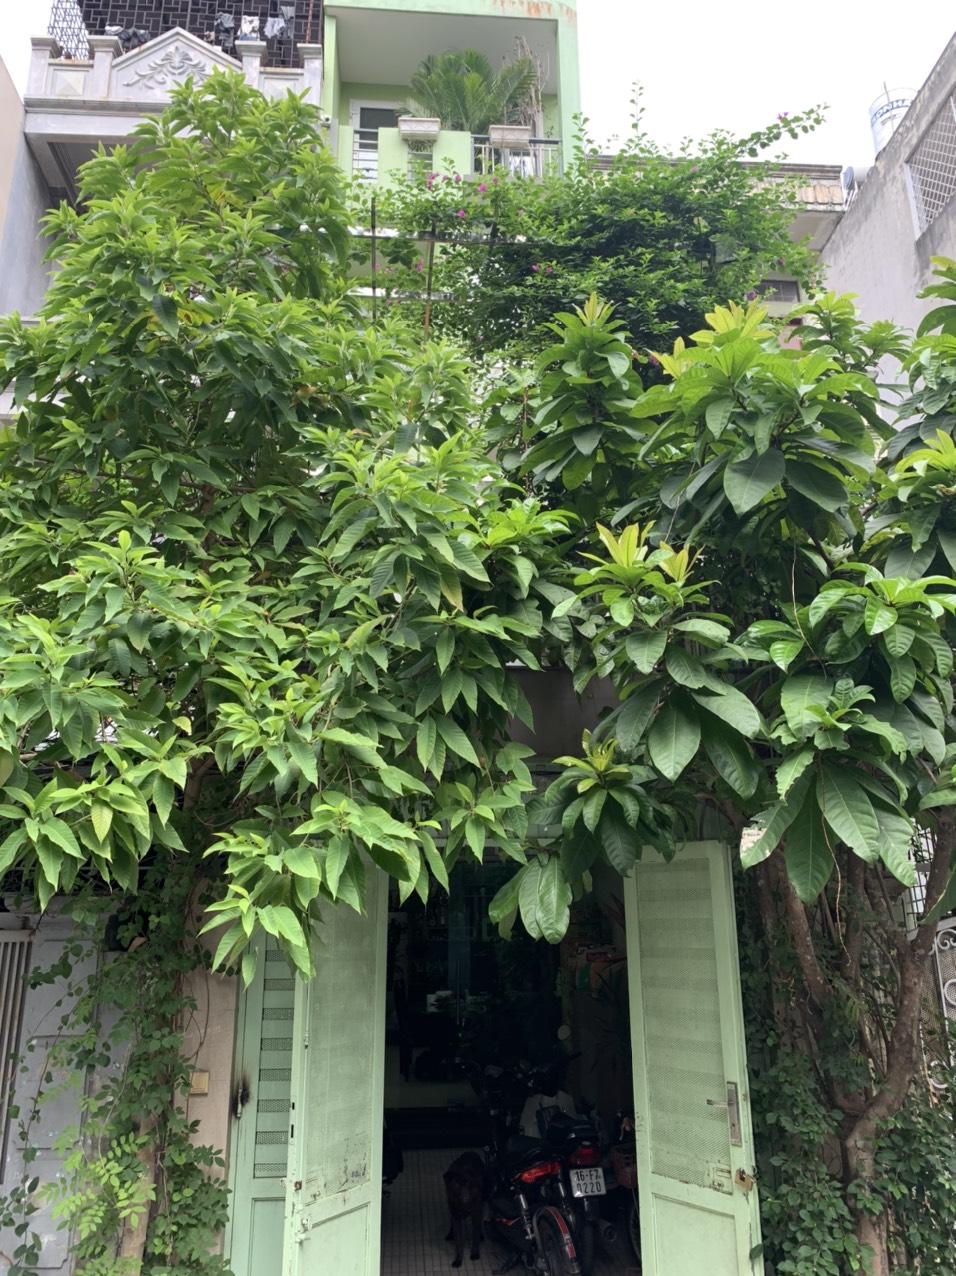 Chính chủ bán nhà tại ngõ 147B Tân Mai, Hoàng Mai, DT60m2x4 tầng Giá 6.25 tỷ LH 0912090639